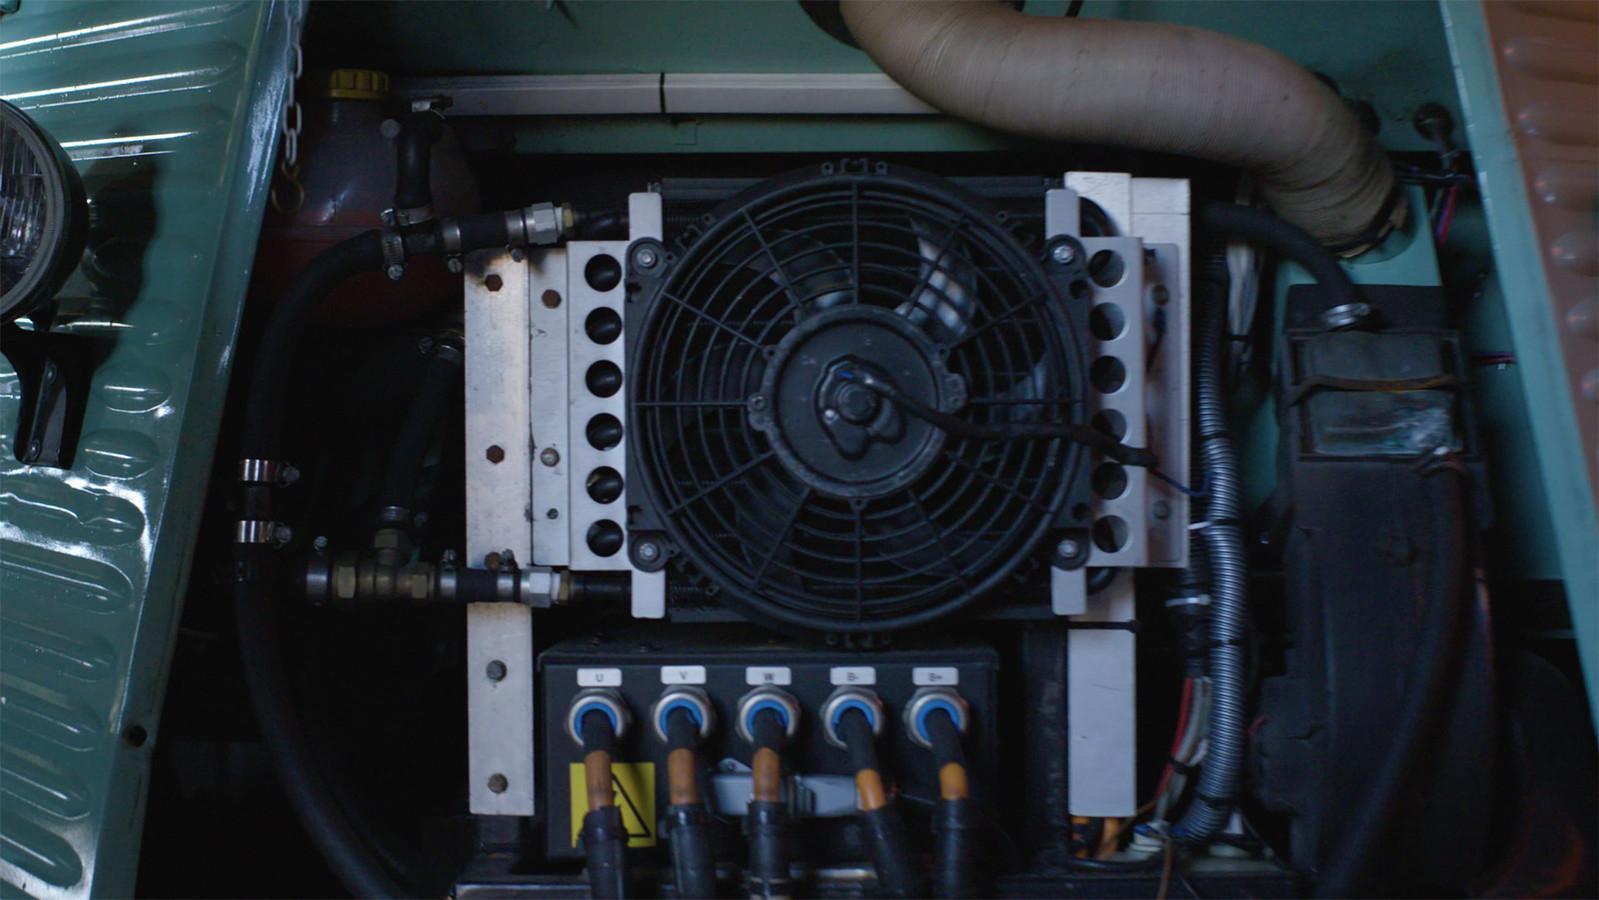 In de HY-bus werd de oude verbrandingsmotor vervangen door elektrische aandrijving